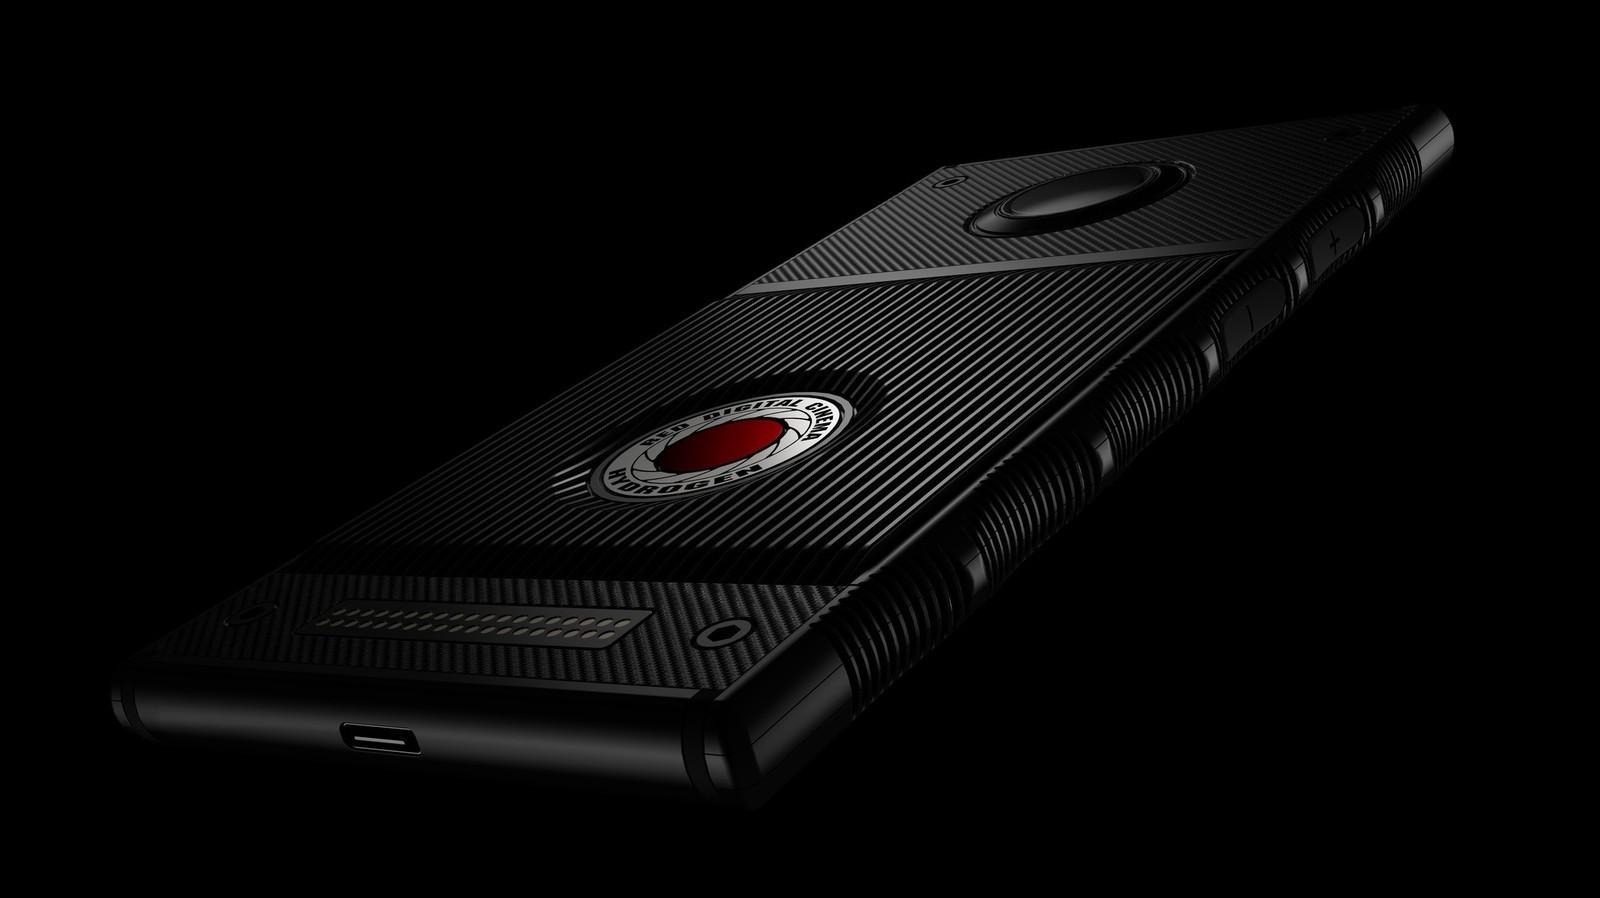 RED опубликовала первые официальные рендеры Hydrogen One